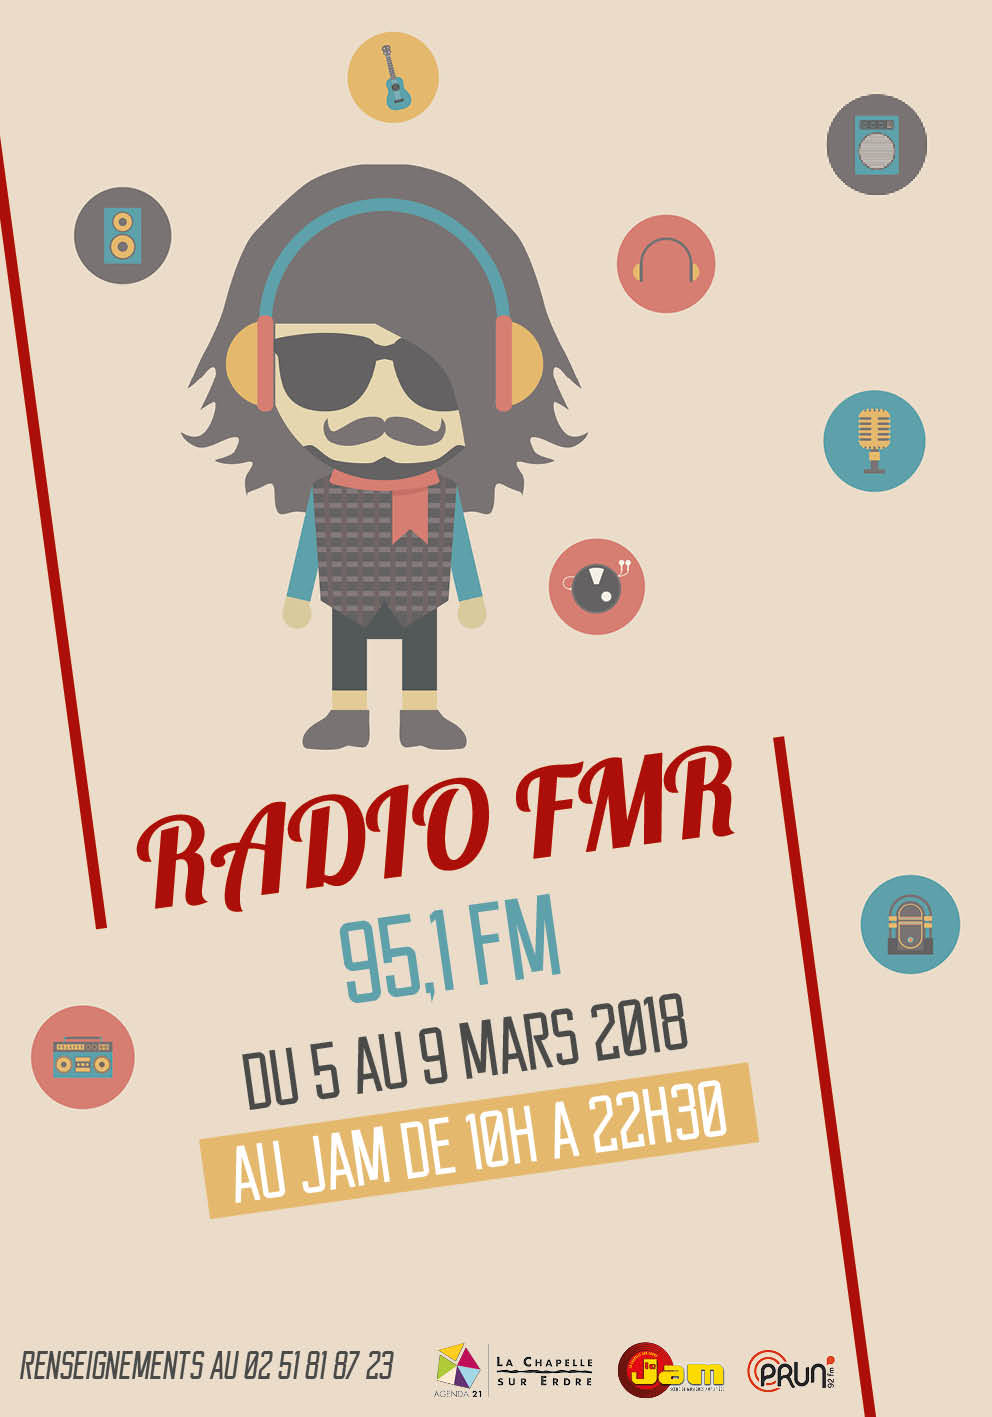 affiche radio fmr 2018